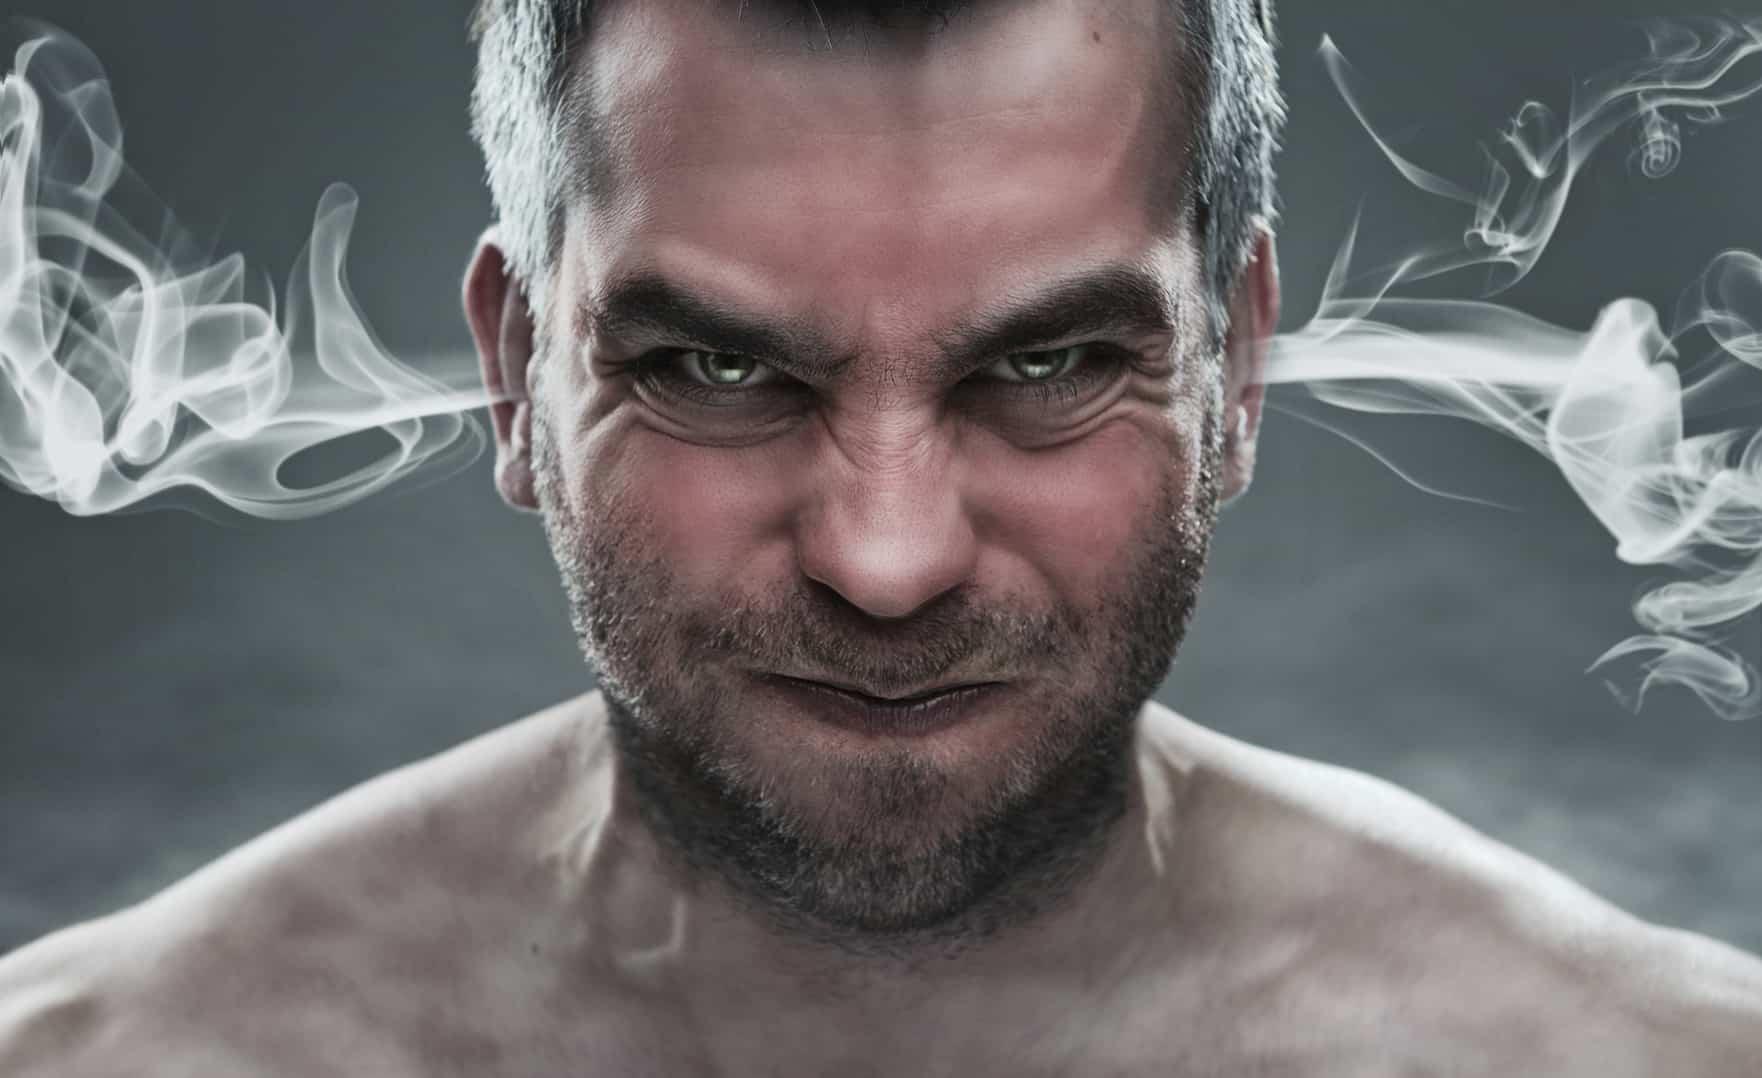 Mit Volldampf durch Zeiten niedriger Zinsen: Wütendem Mann kommt Qualm aus den Ohren